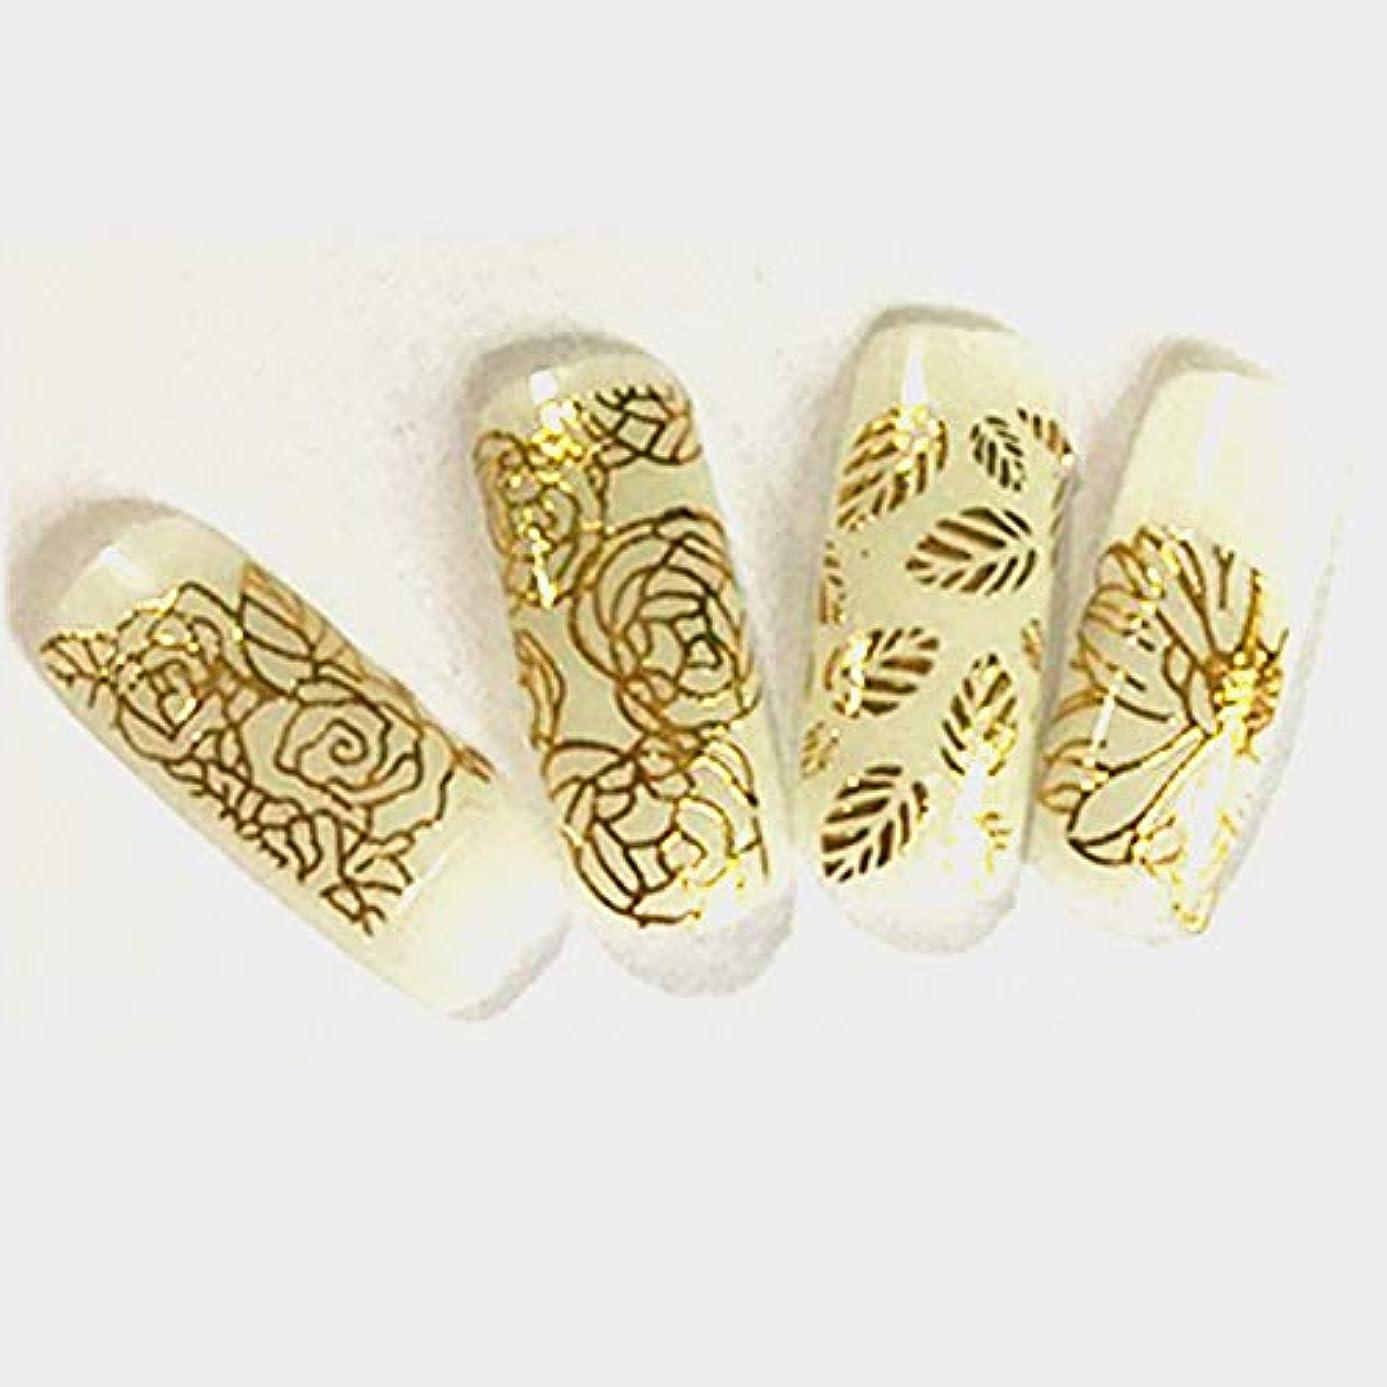 前任者罰北米ネイルステッカー エンボス花 DIYデカール、マニキュアツール 3Dゴールド1枚入り 直接貼る 花柄 ネイル用装飾